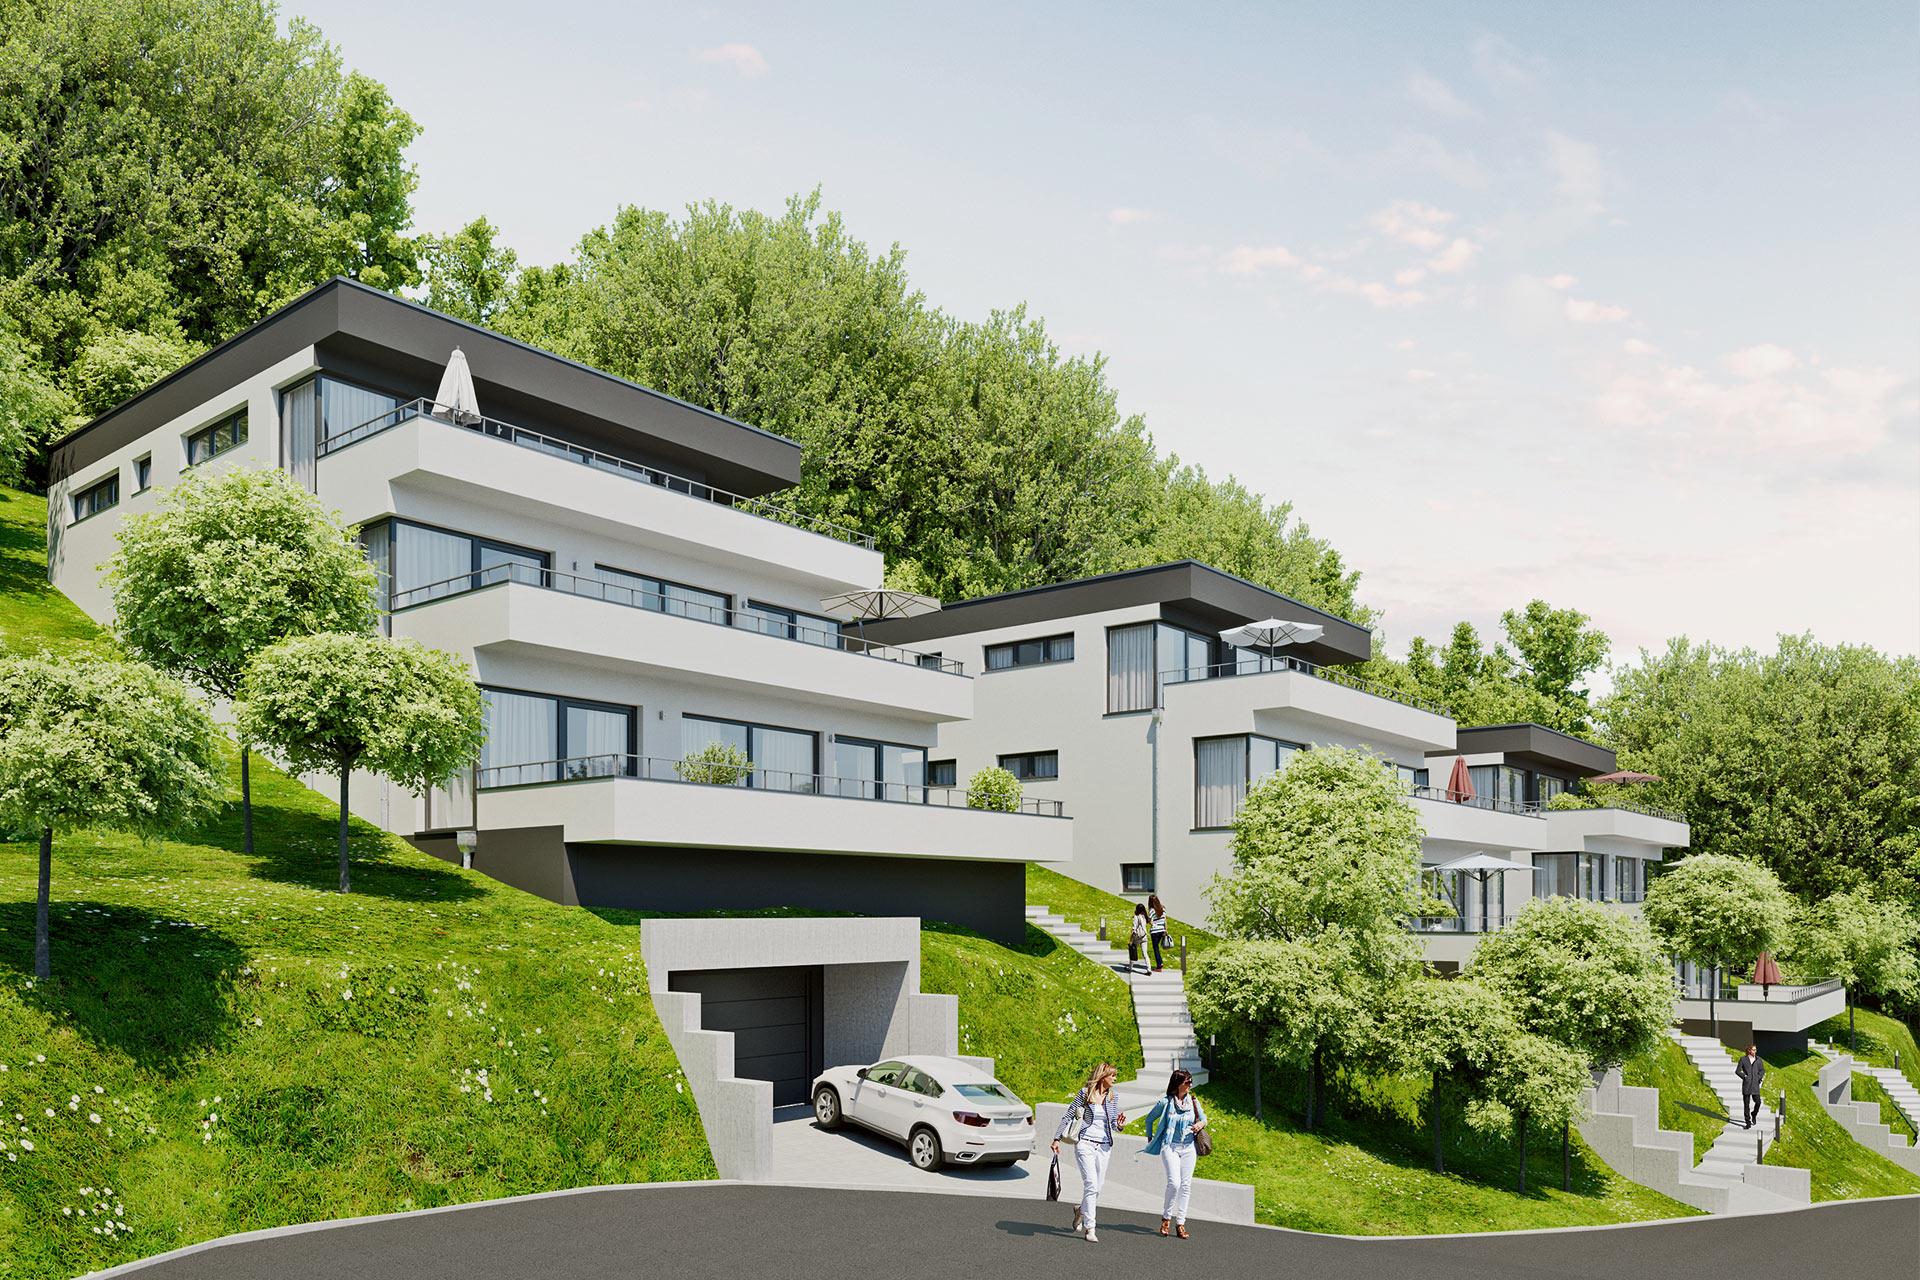 projekt sch nblick terrassen moderne eigentumswohnungen. Black Bedroom Furniture Sets. Home Design Ideas